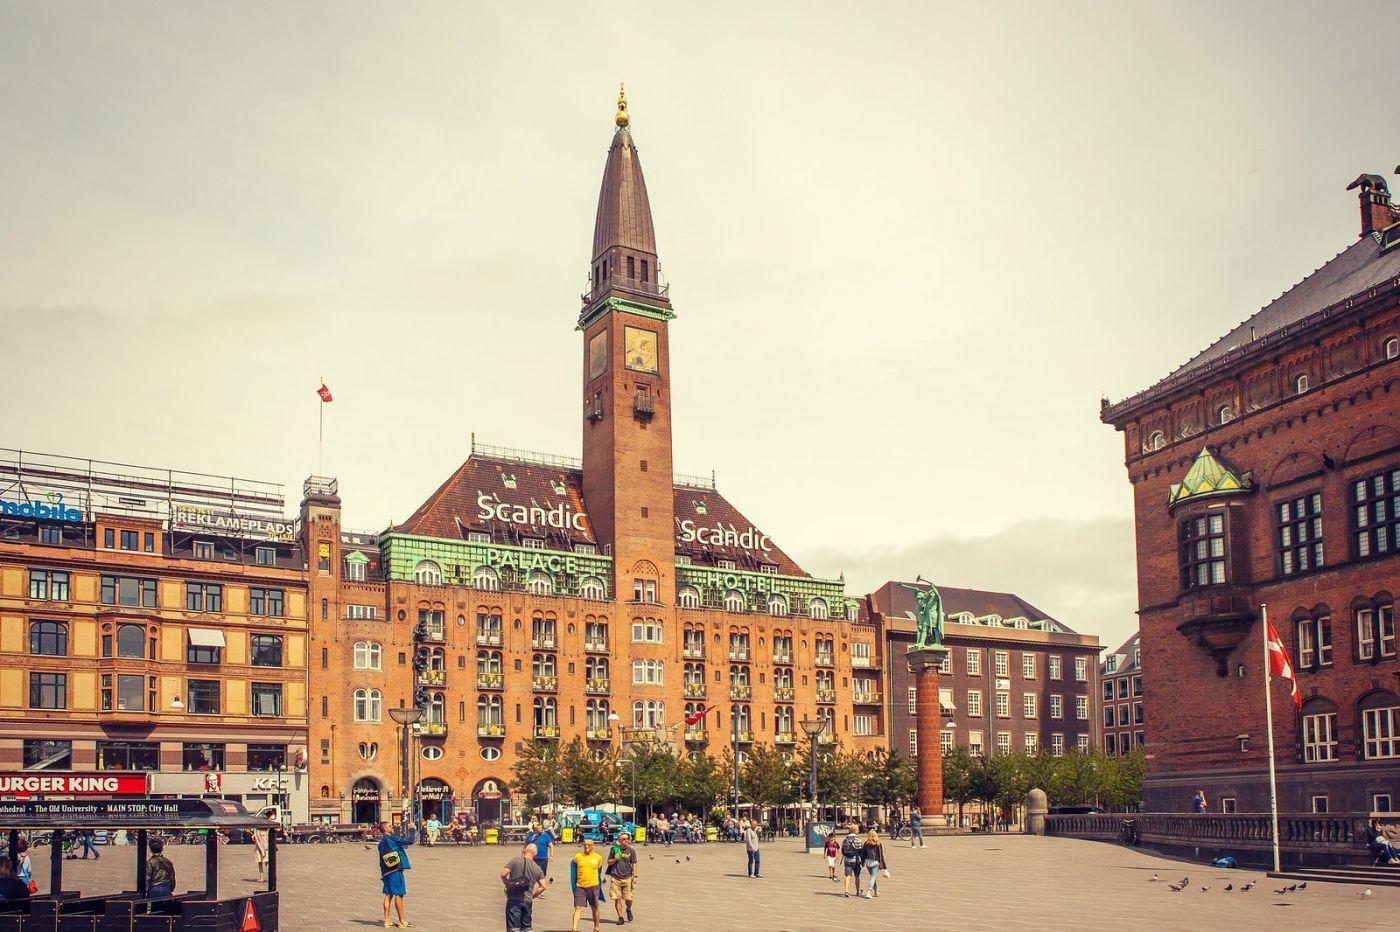 丹麦哥本哈根,新旧融合的城市_图1-23